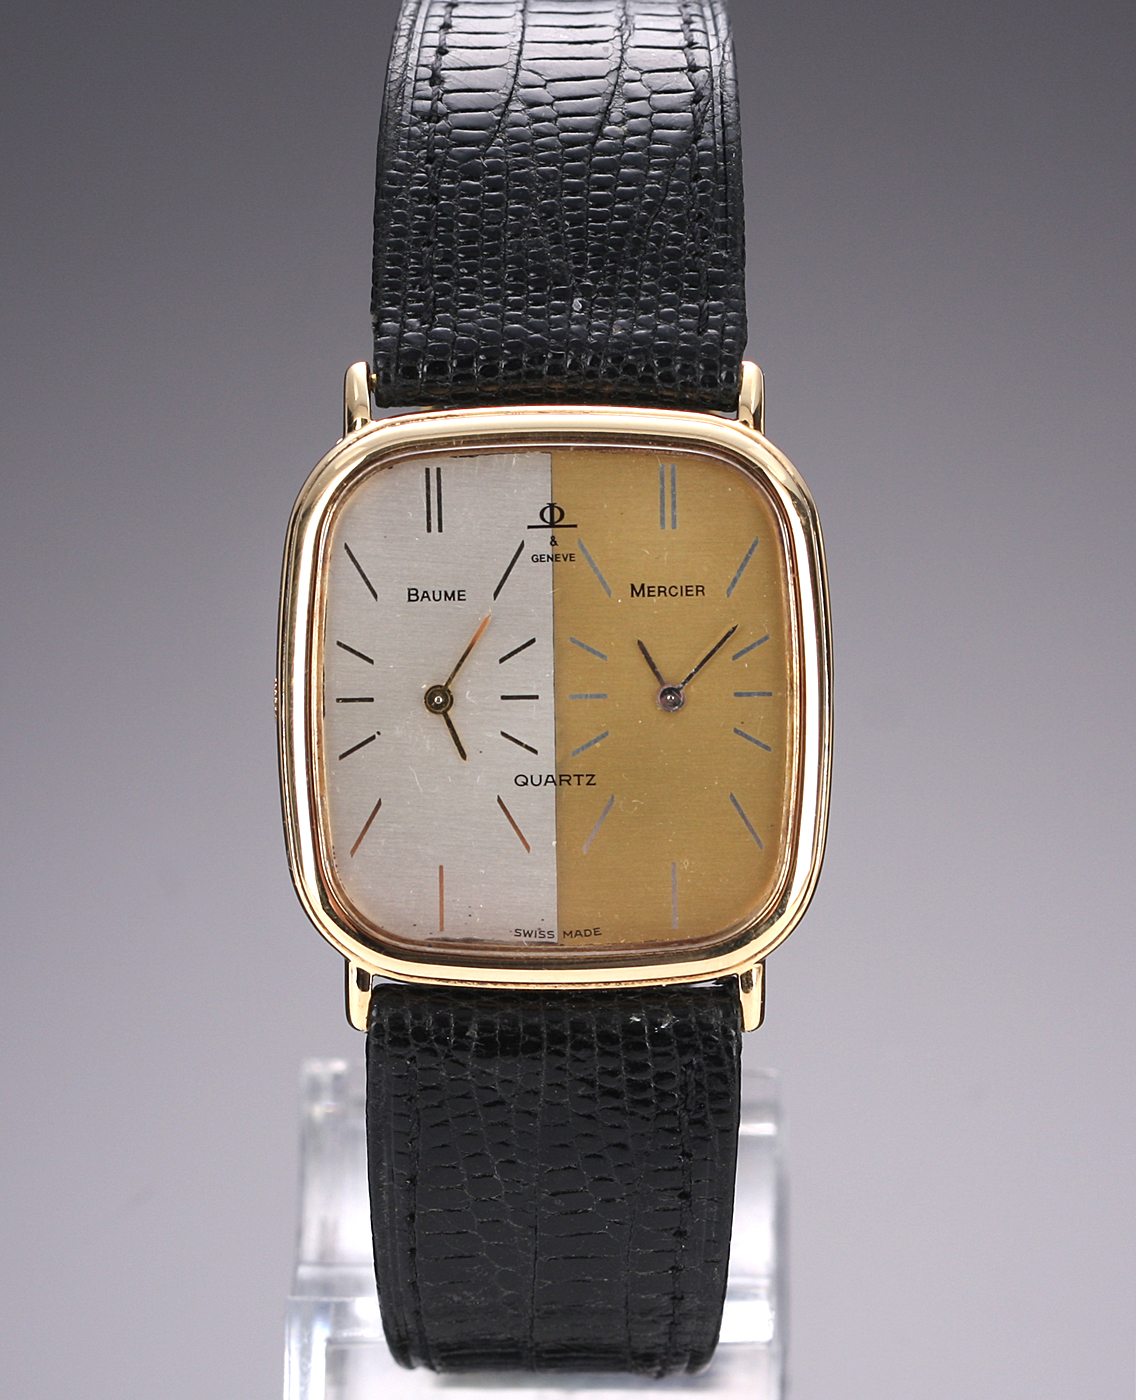 Baume & Mercier Dual Time. Herreur i 18 kt. guld two-tone skive, 1970-80erne - Vintage herrearmbåndsur fra Baume & Mercier, model Dual Time, i urkasse af 18 kt. guld, two-tone skive med stregindeks, dual time-funktion, mineralglas, monteret med original læderrem med forgyldt spænde, quartz urværk. Mål: 29 x 34,9 mm....